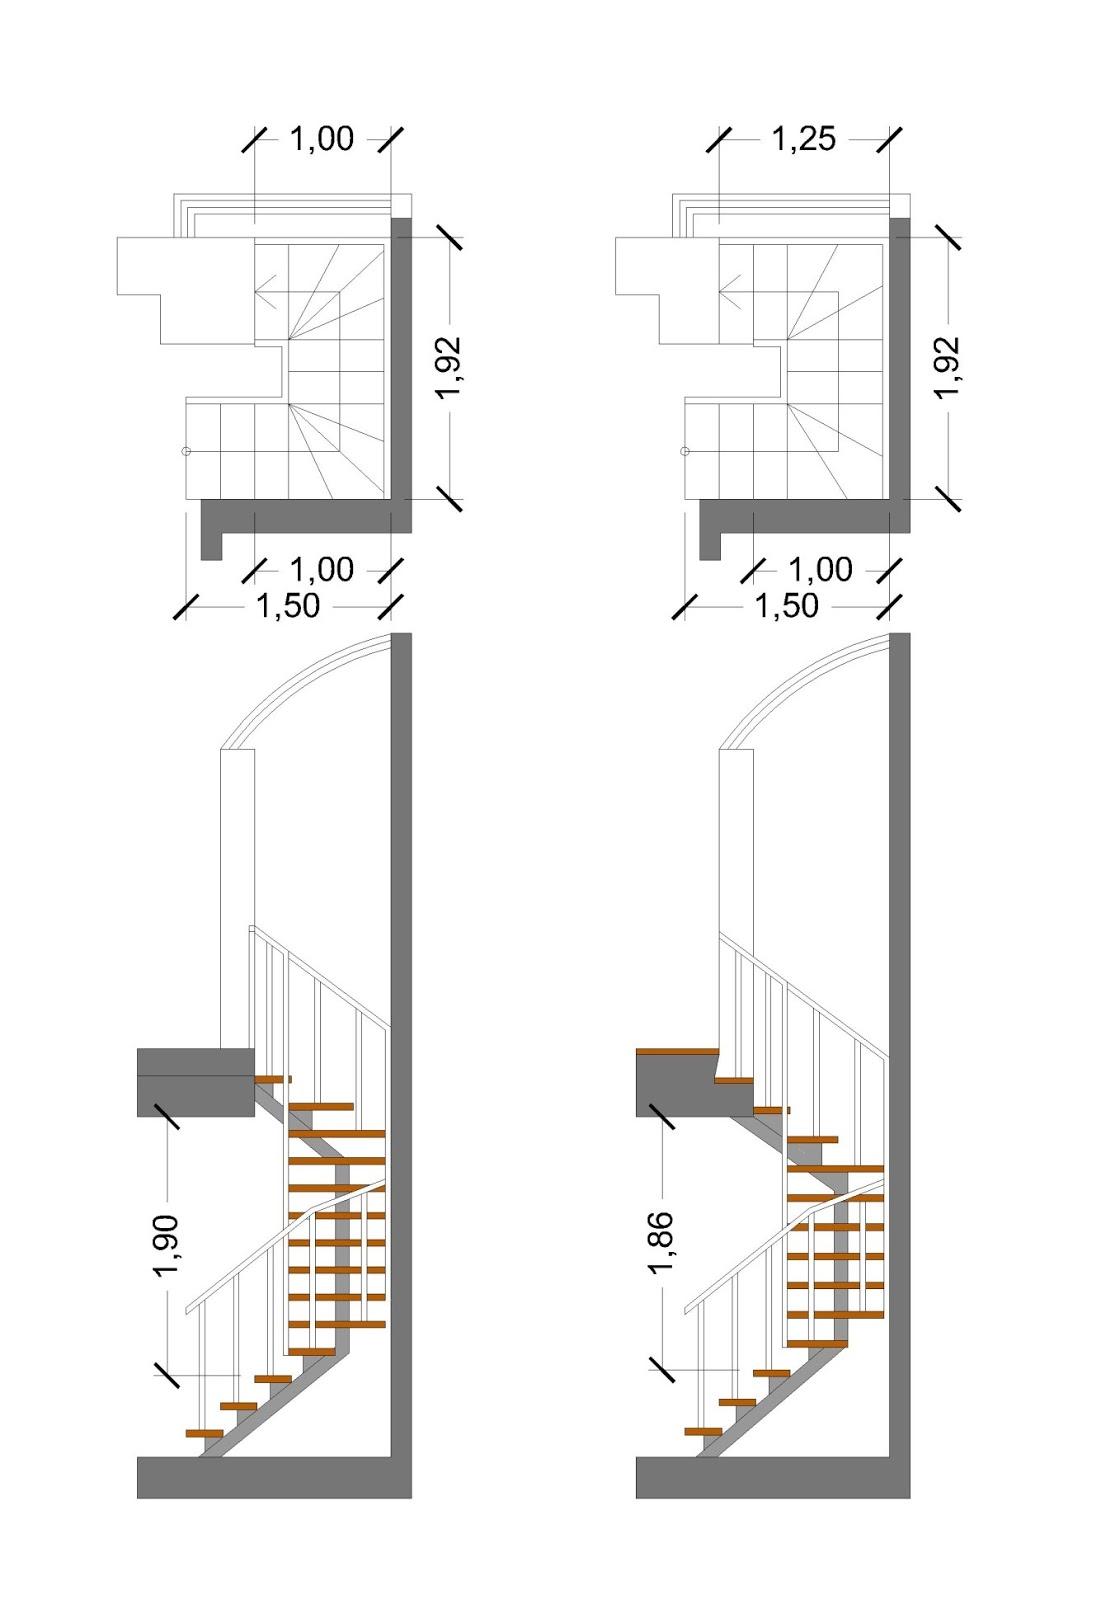 Nuevo Milenio En Alcorc N Tico En Alcorc N Con Muchas Posibilidades ~ Dimensiones Escalera De Caracol